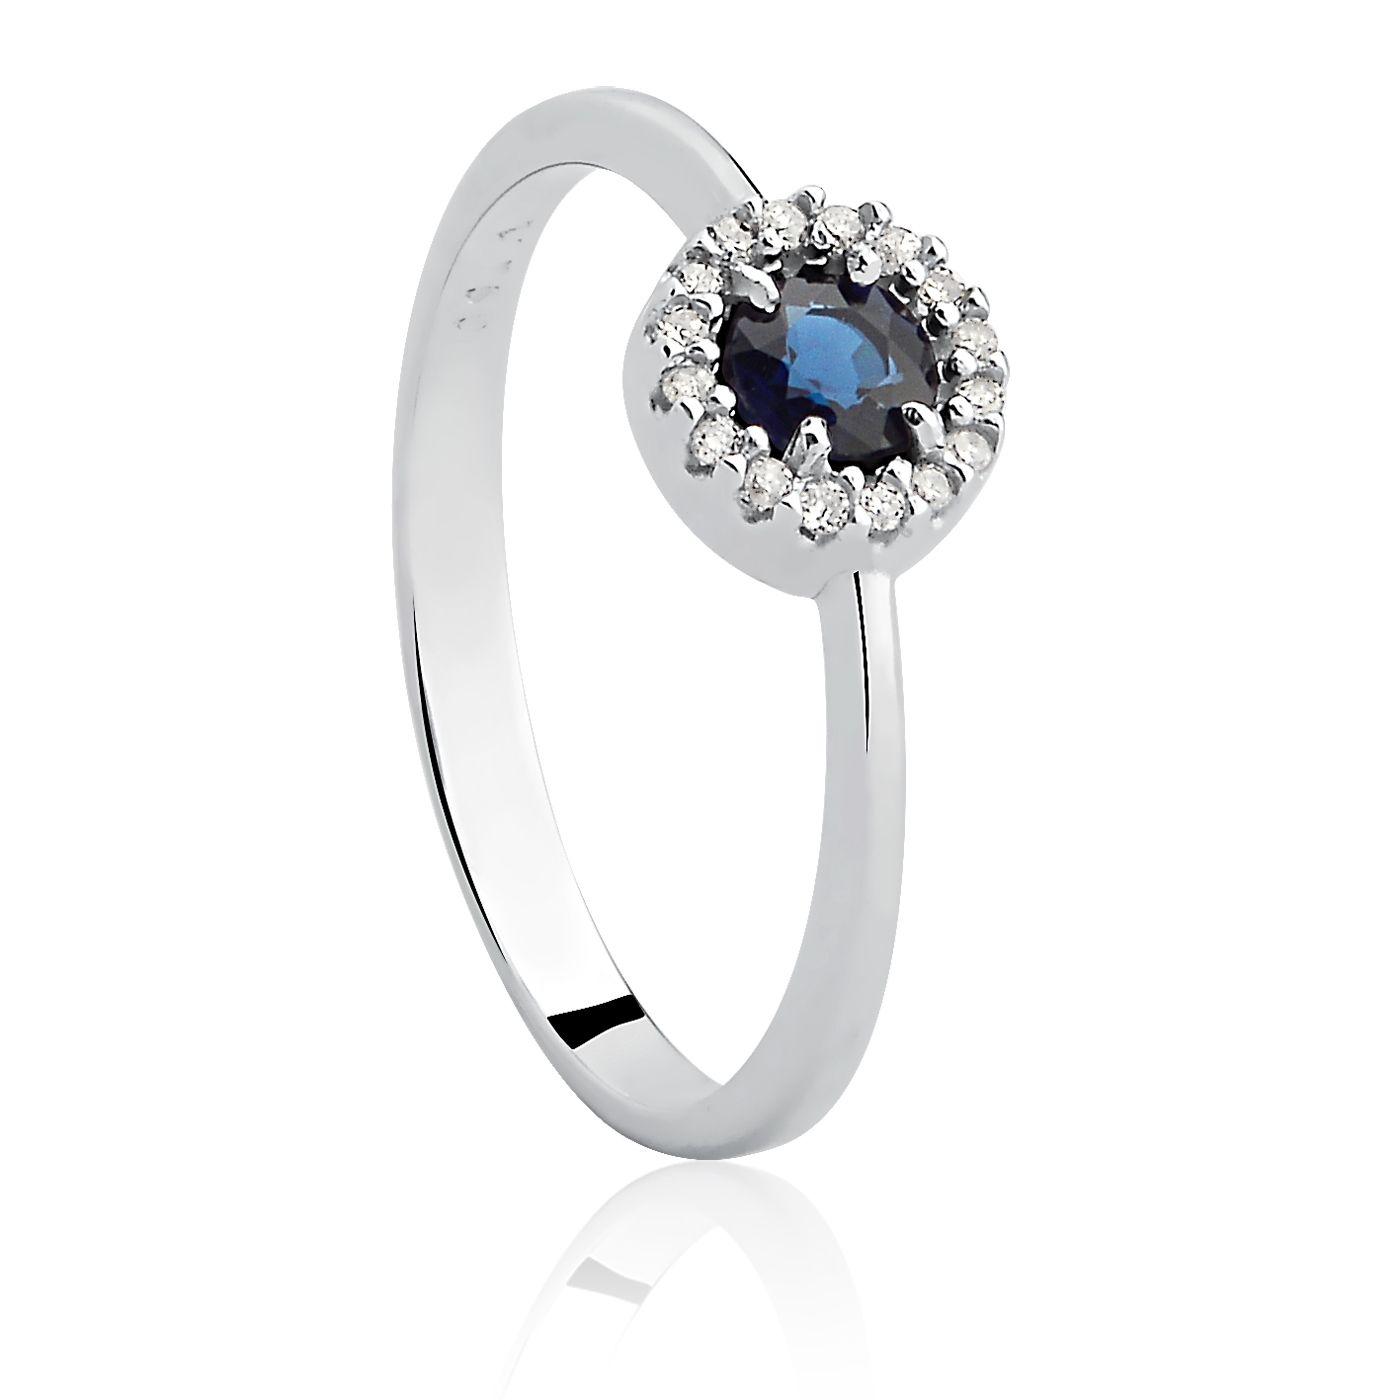 db5e06e4e4bb4 Anel Ouro Amarelo Diamantes e Safira   Jewerly   Pinterest   Jewelry ...